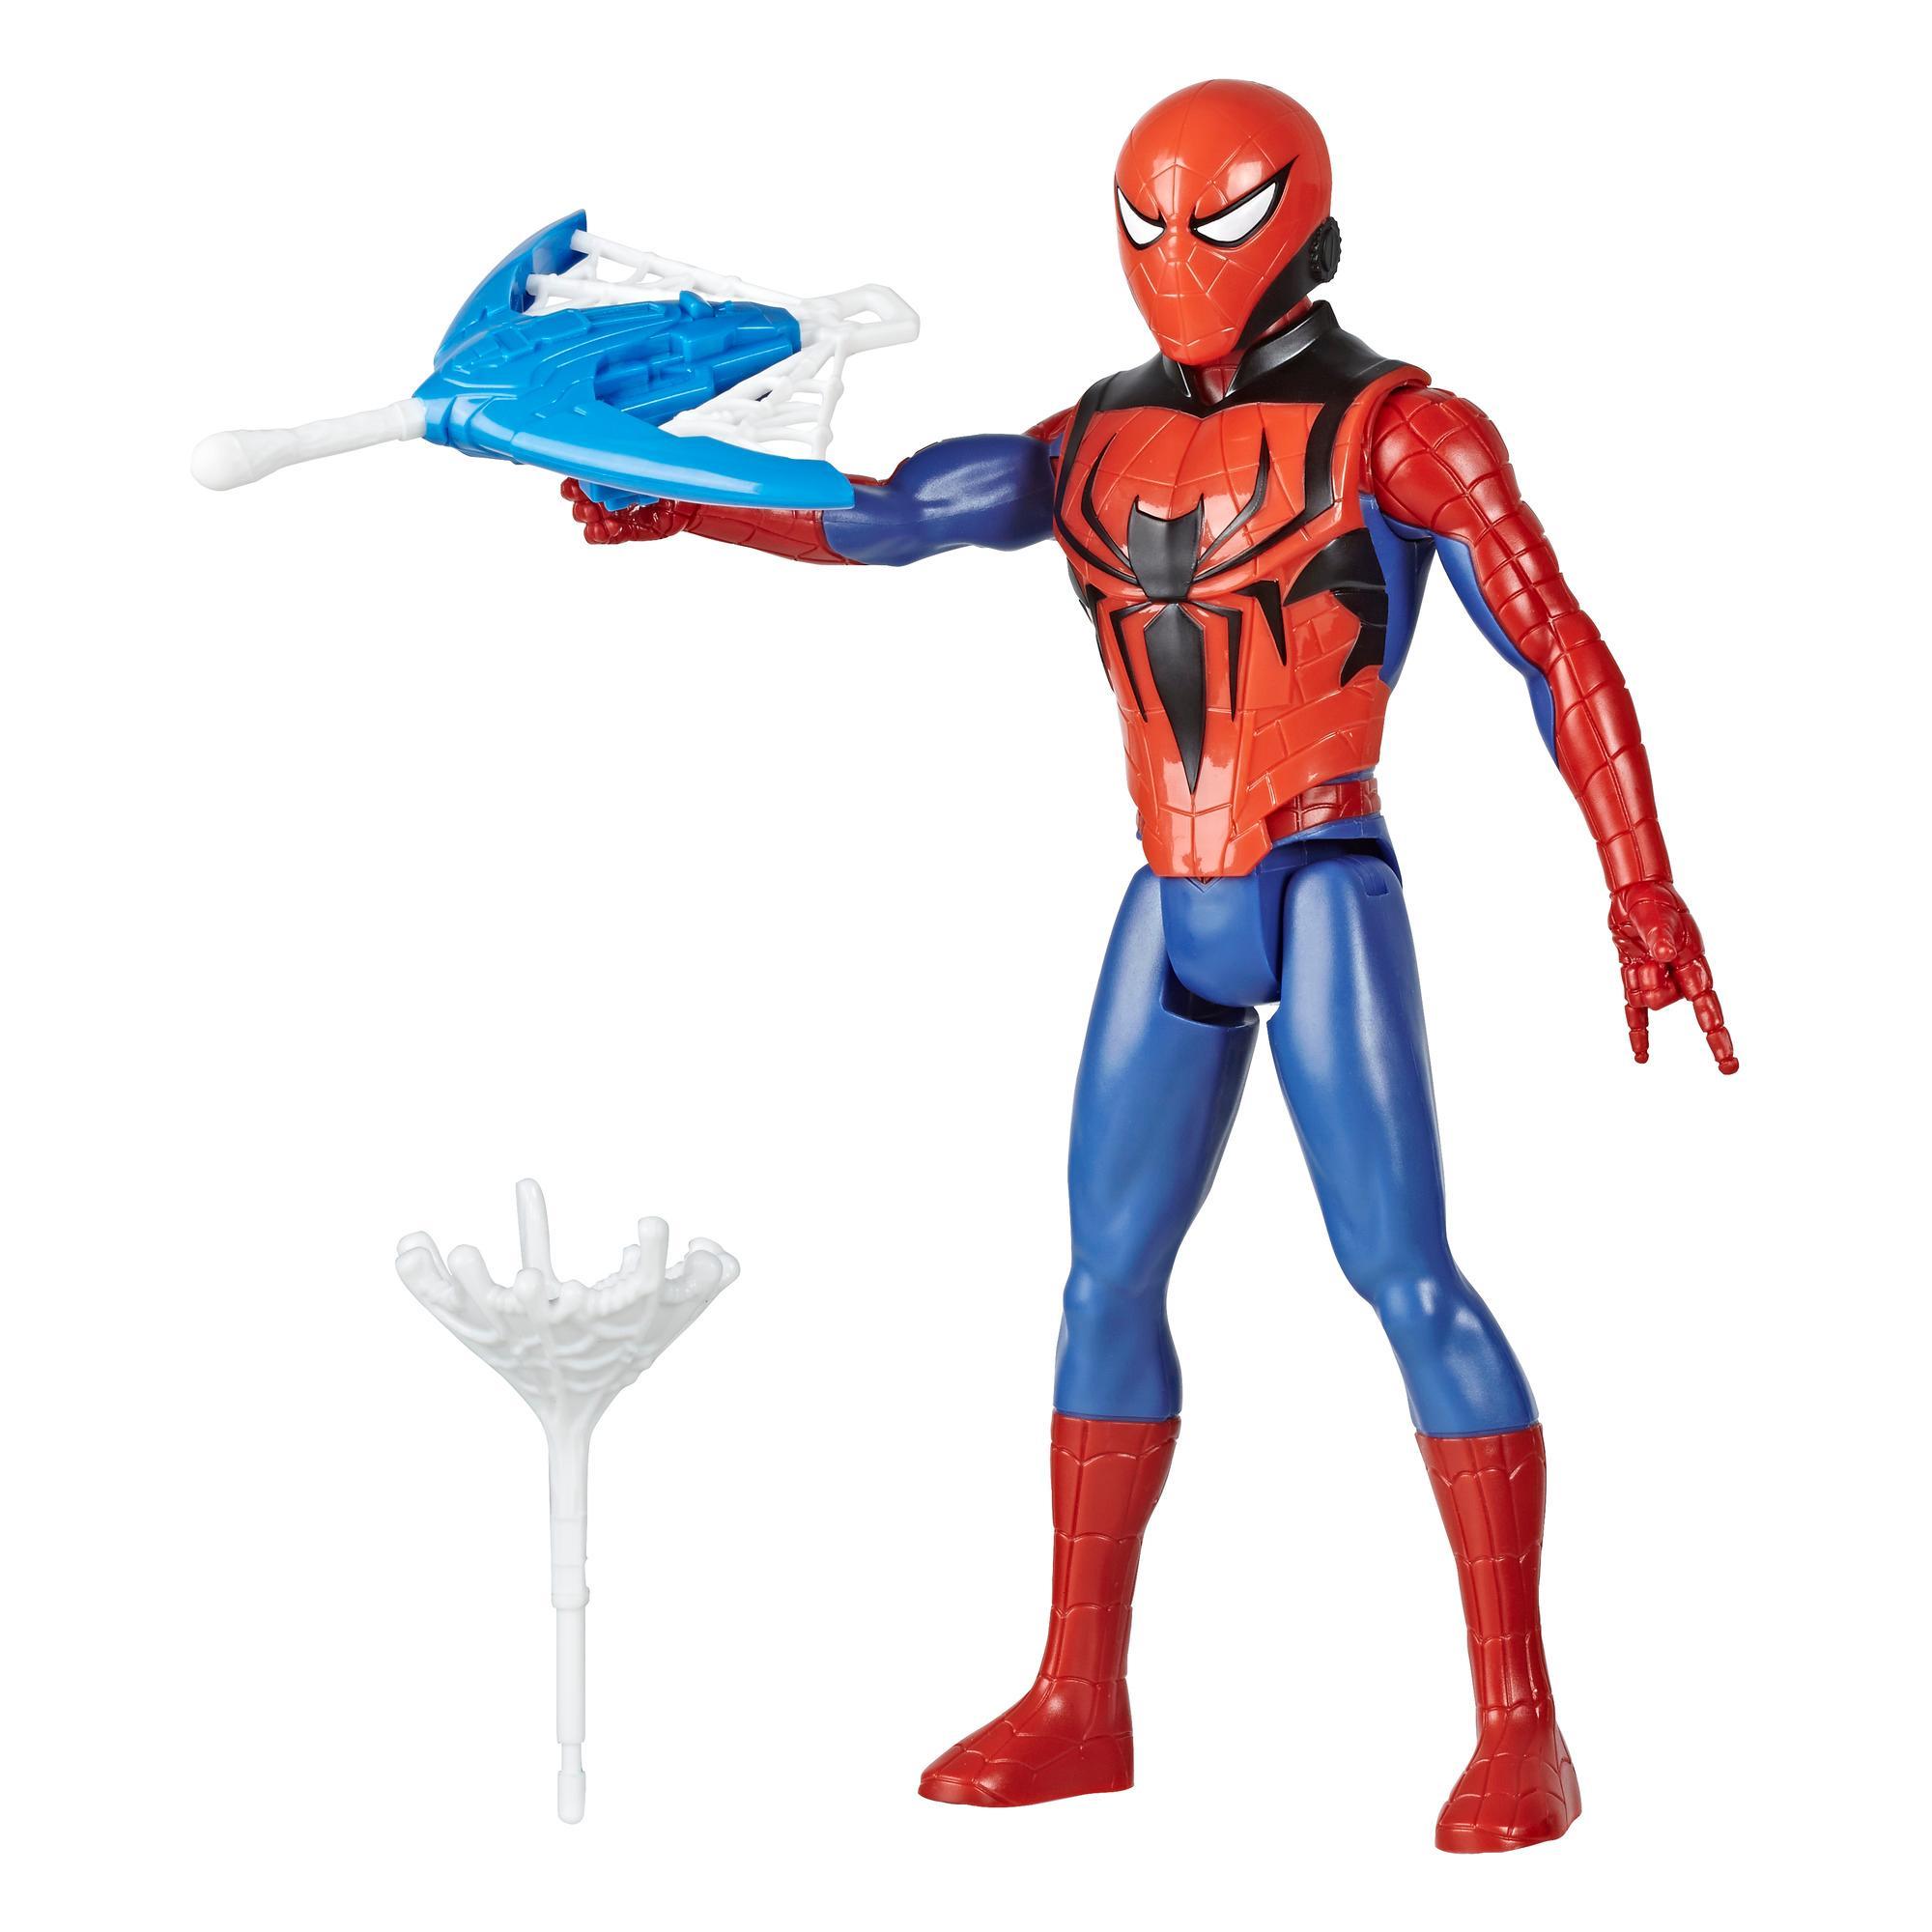 Marvel Spider-Man Titan Hero Serie Blast Gear Spider-Man